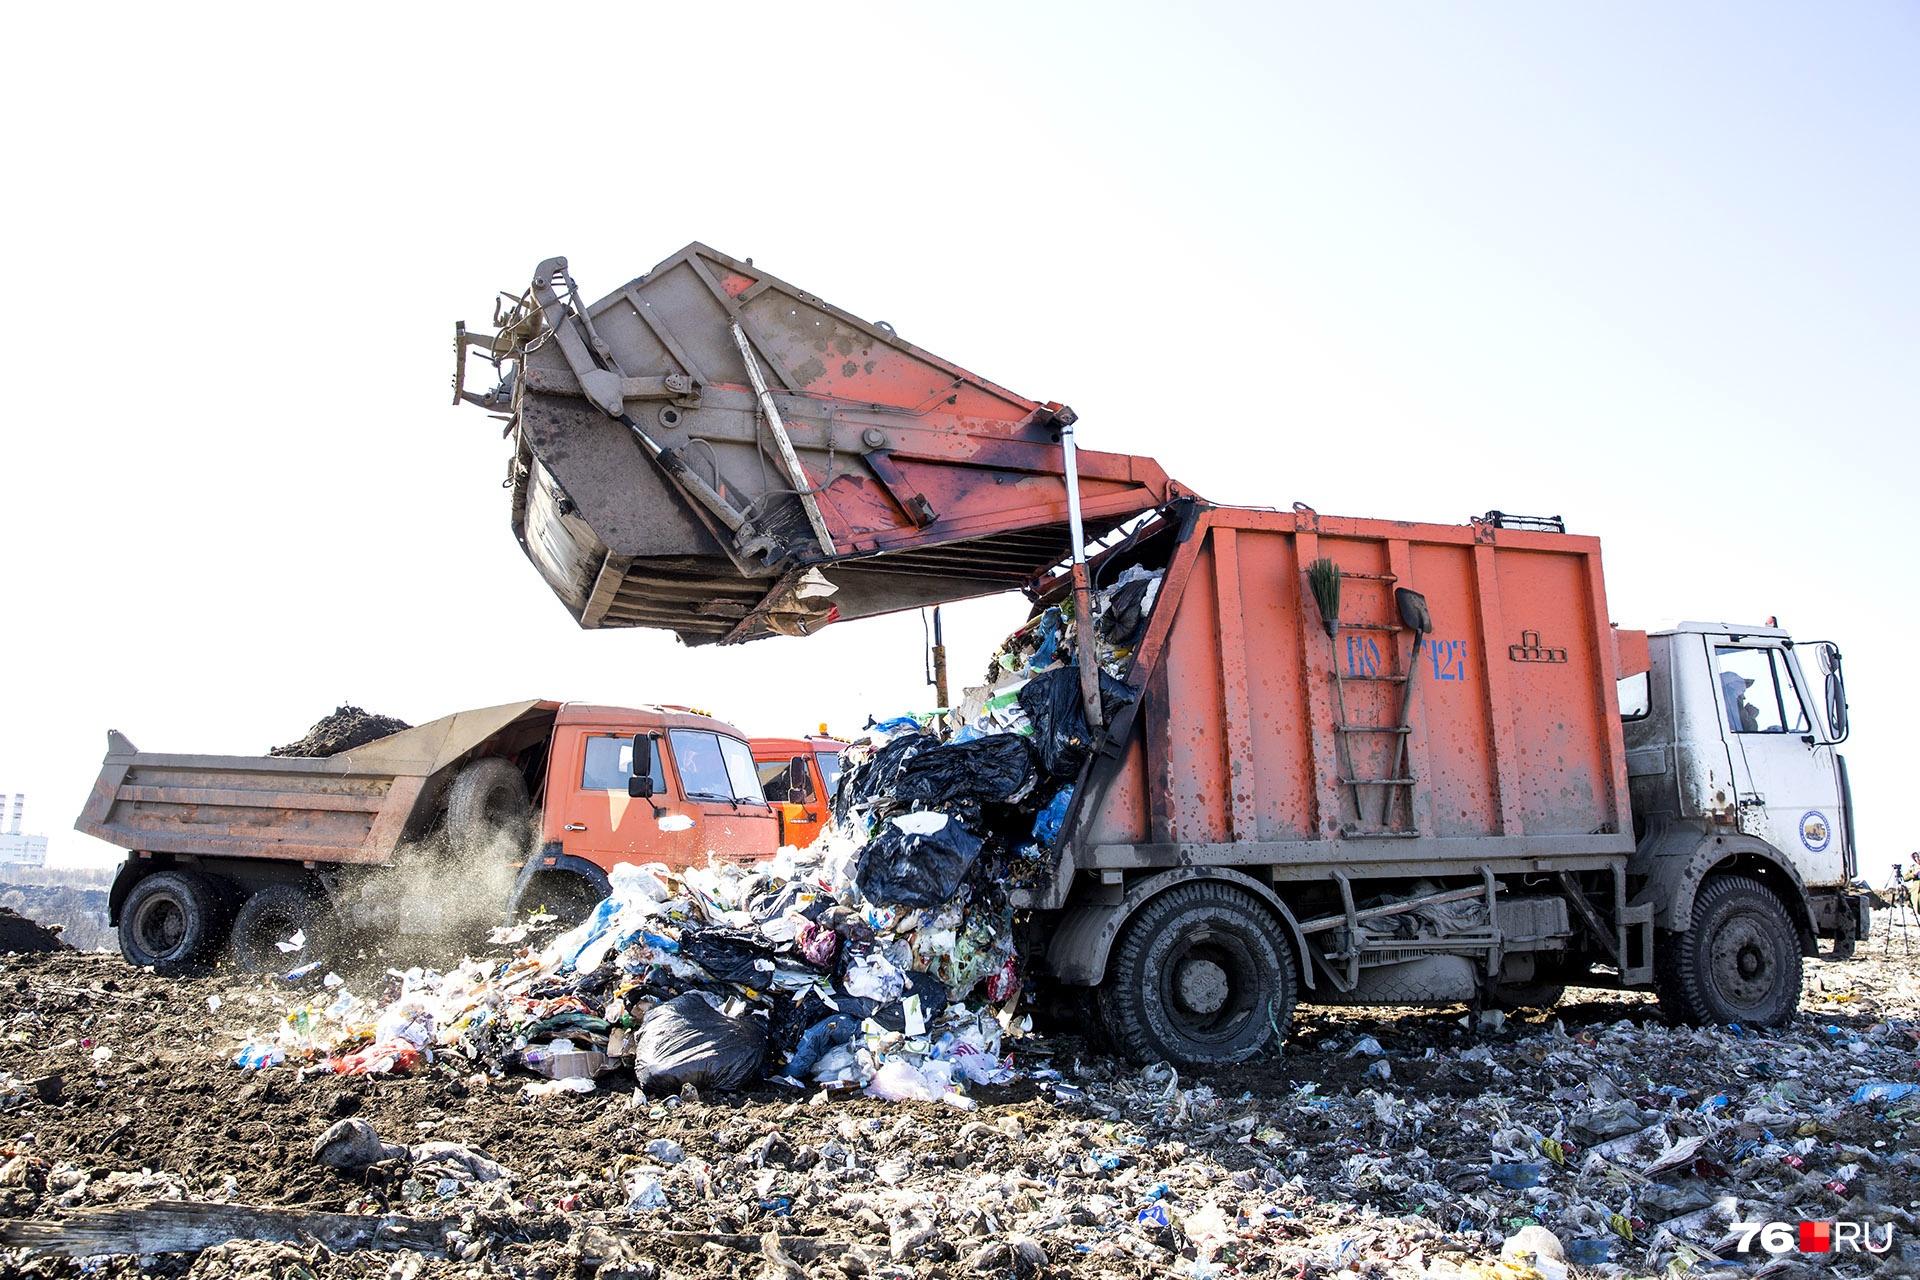 Власти поддержат материально региональных операторов по вывозу мусора